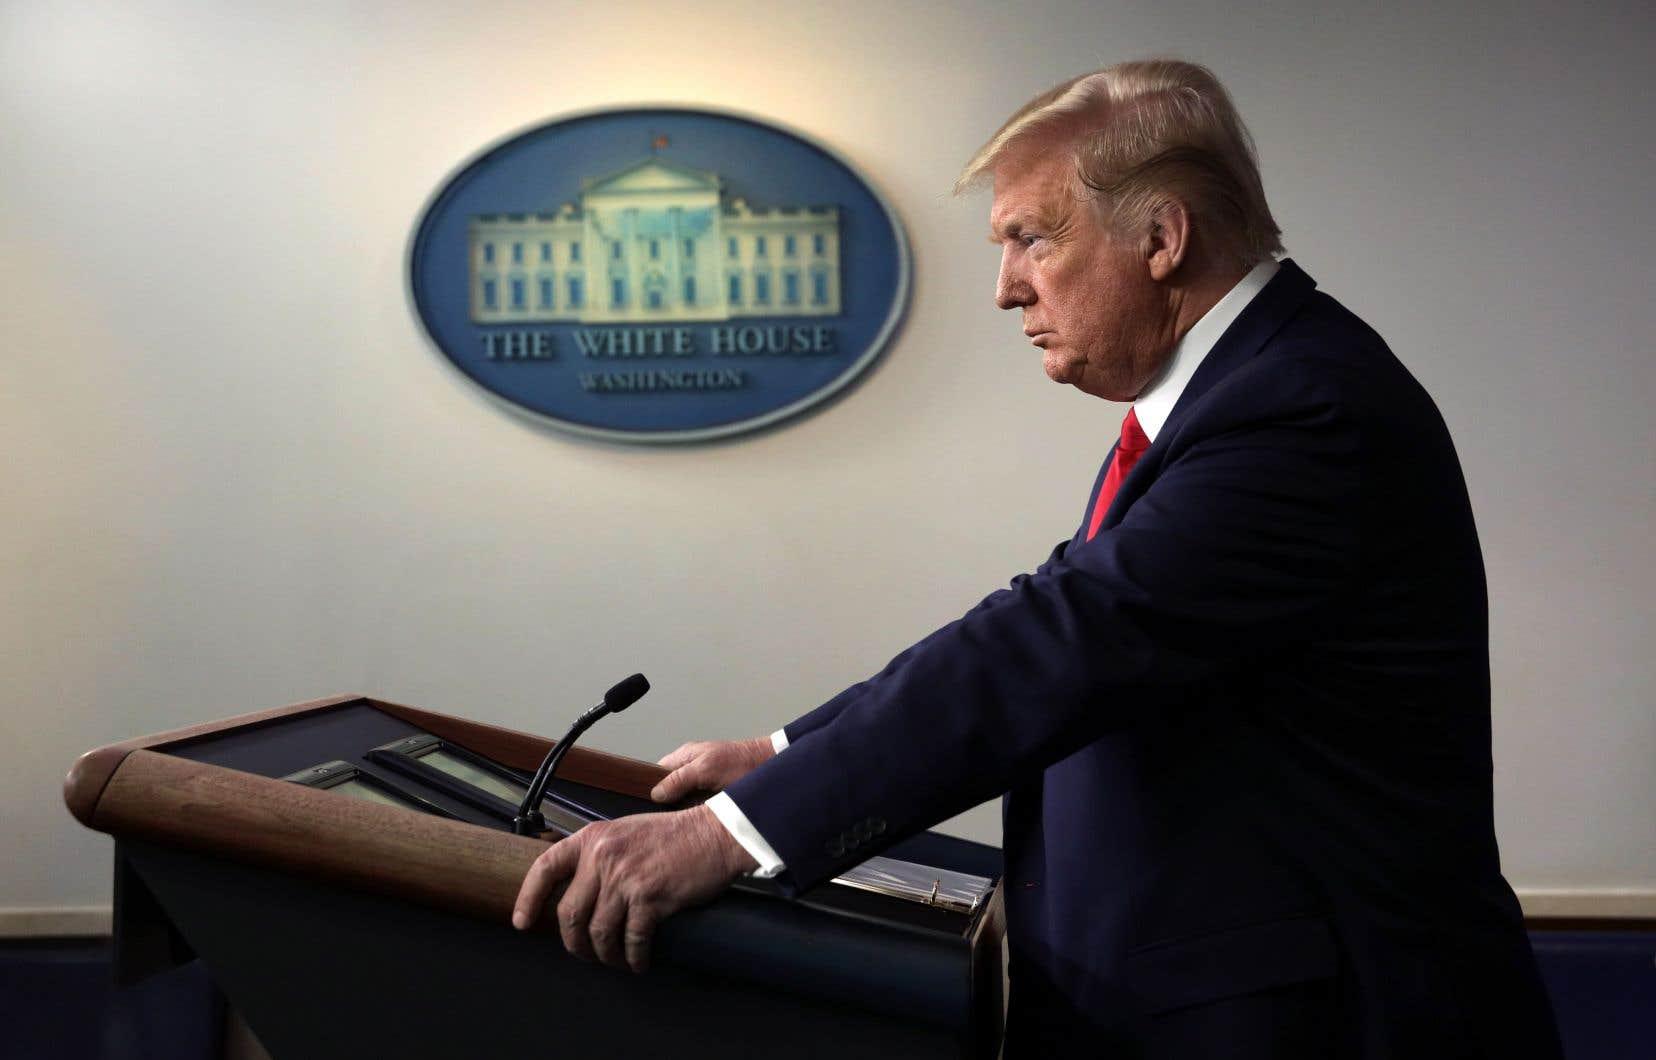 «J'ai mes propres différends avec ces trois groupes médiatiques. Vous le savez très bien, a souligné le président des États-Unis, qui a une relation tendue avec de nombreux journalistes. Mais je n'aime pas du tout voir ça. Je suis très mécontent.»